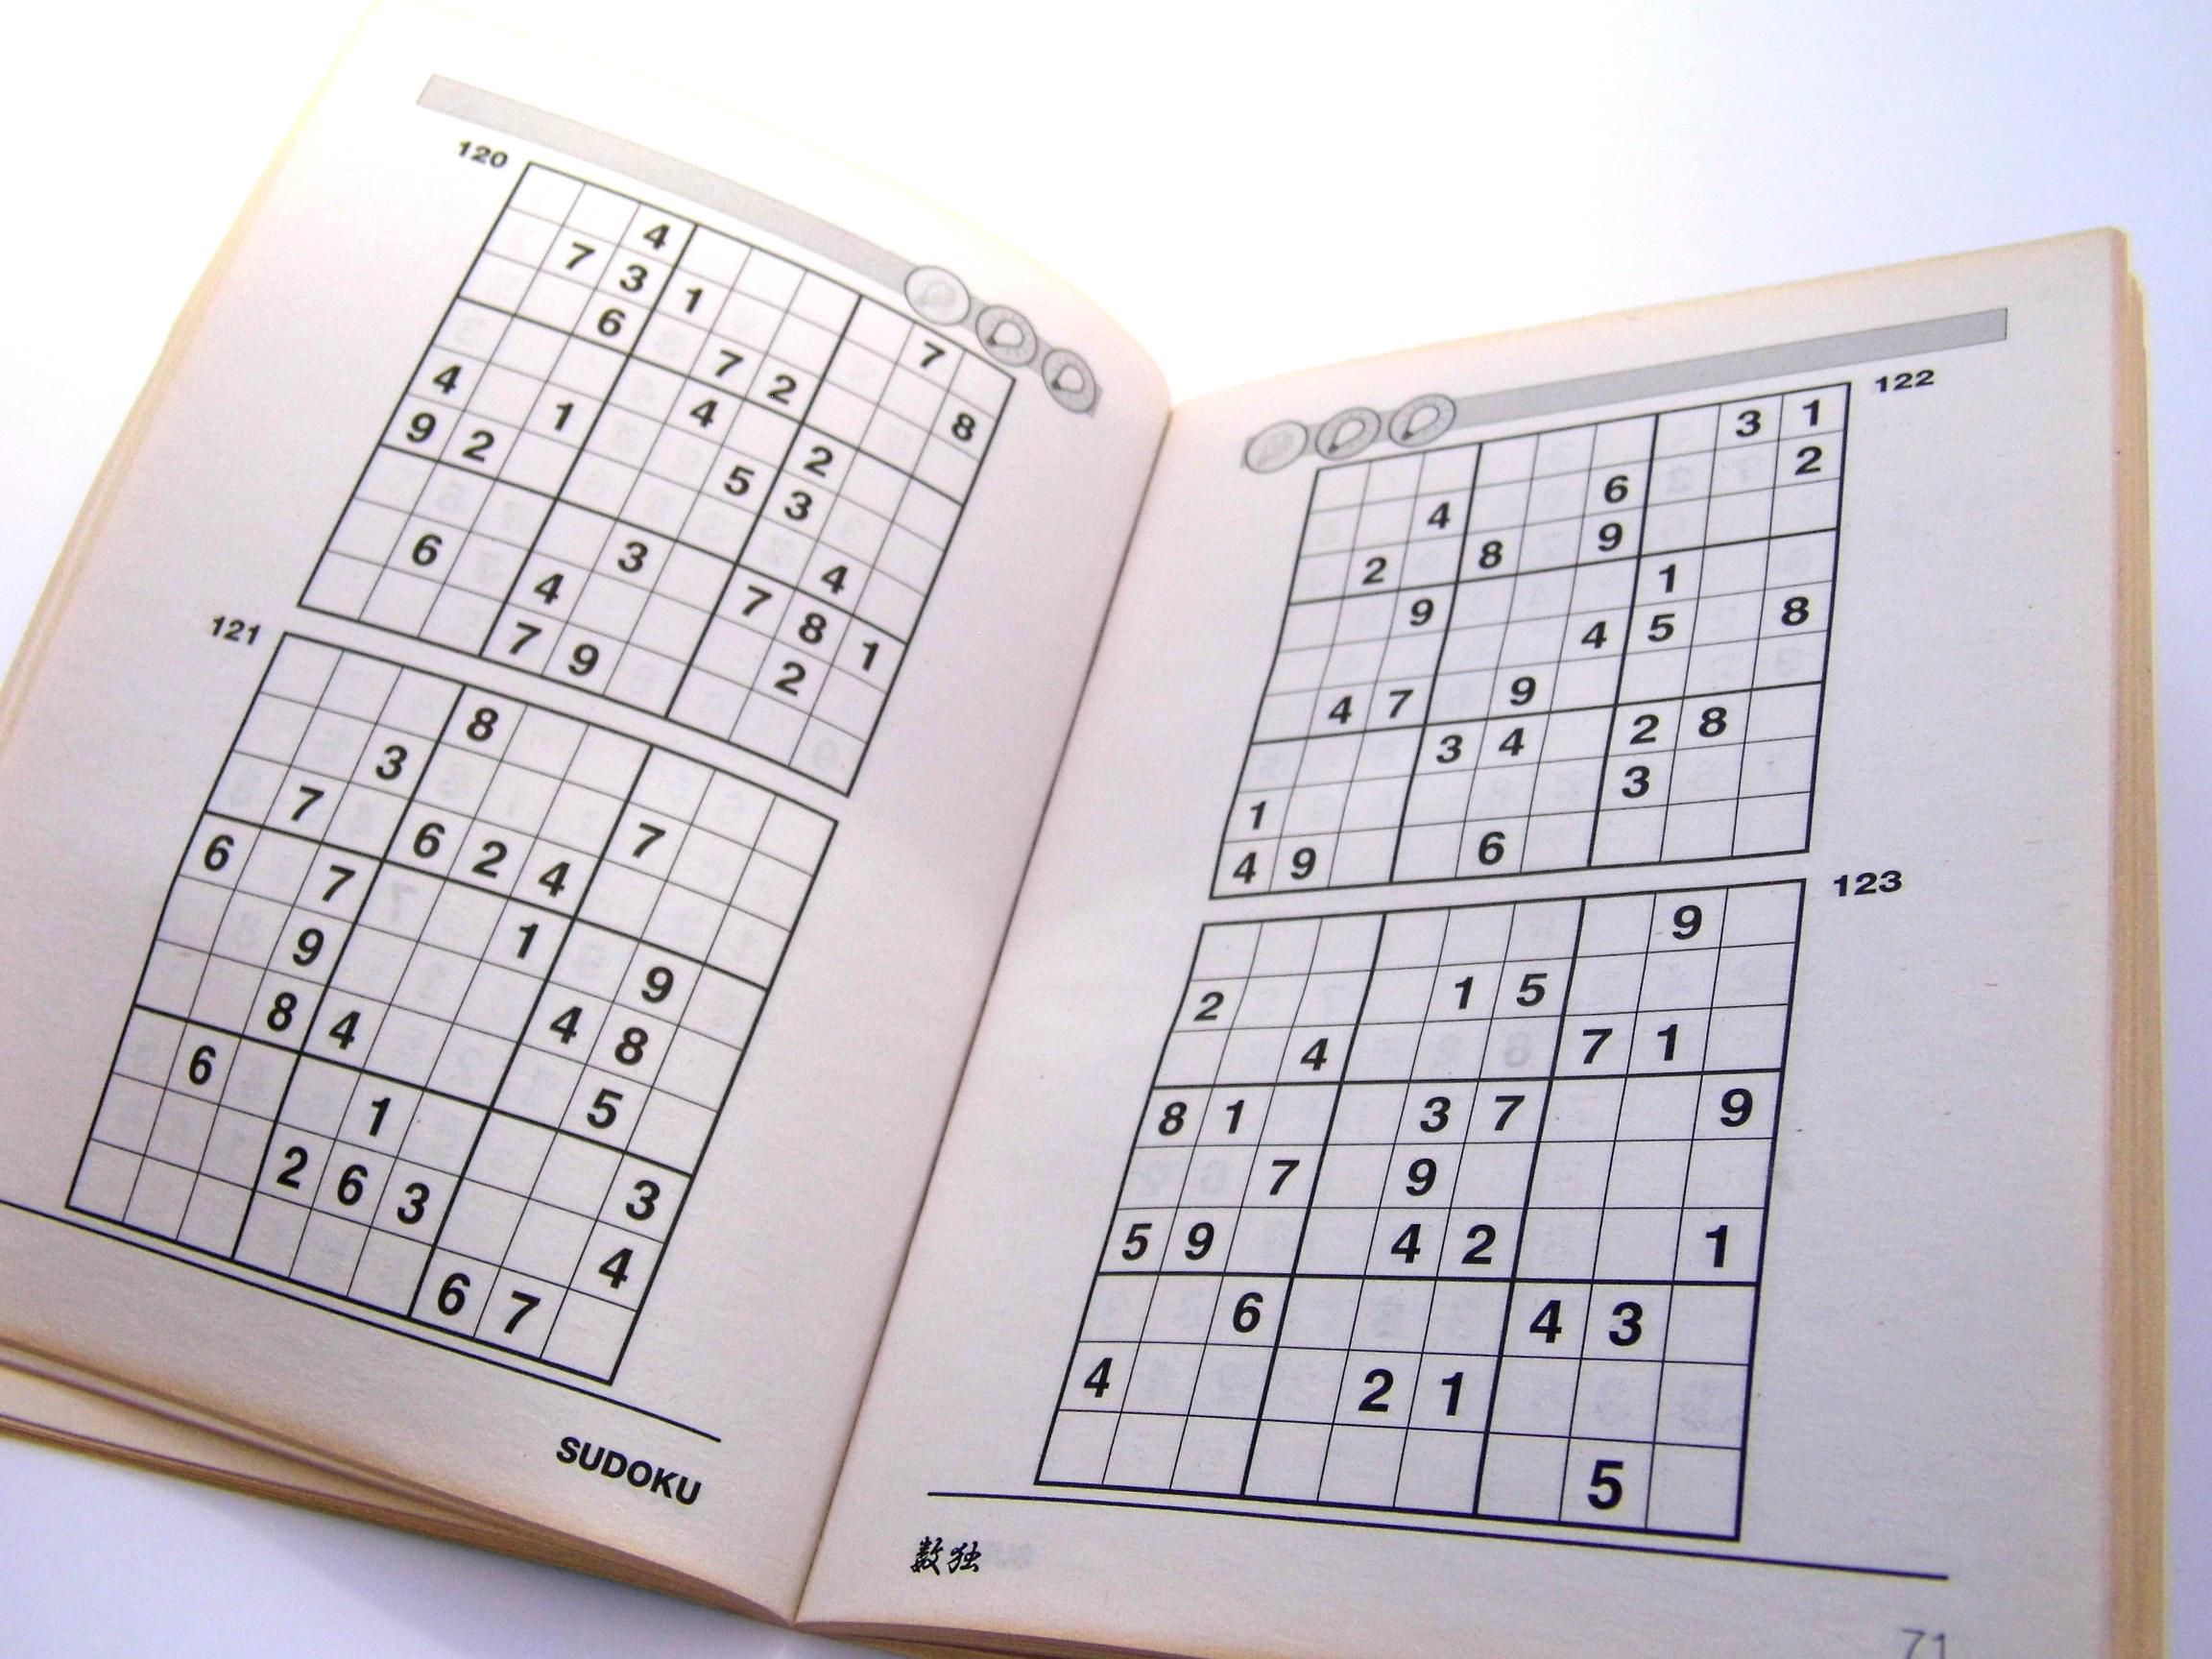 Sudoku Blank Worksheet